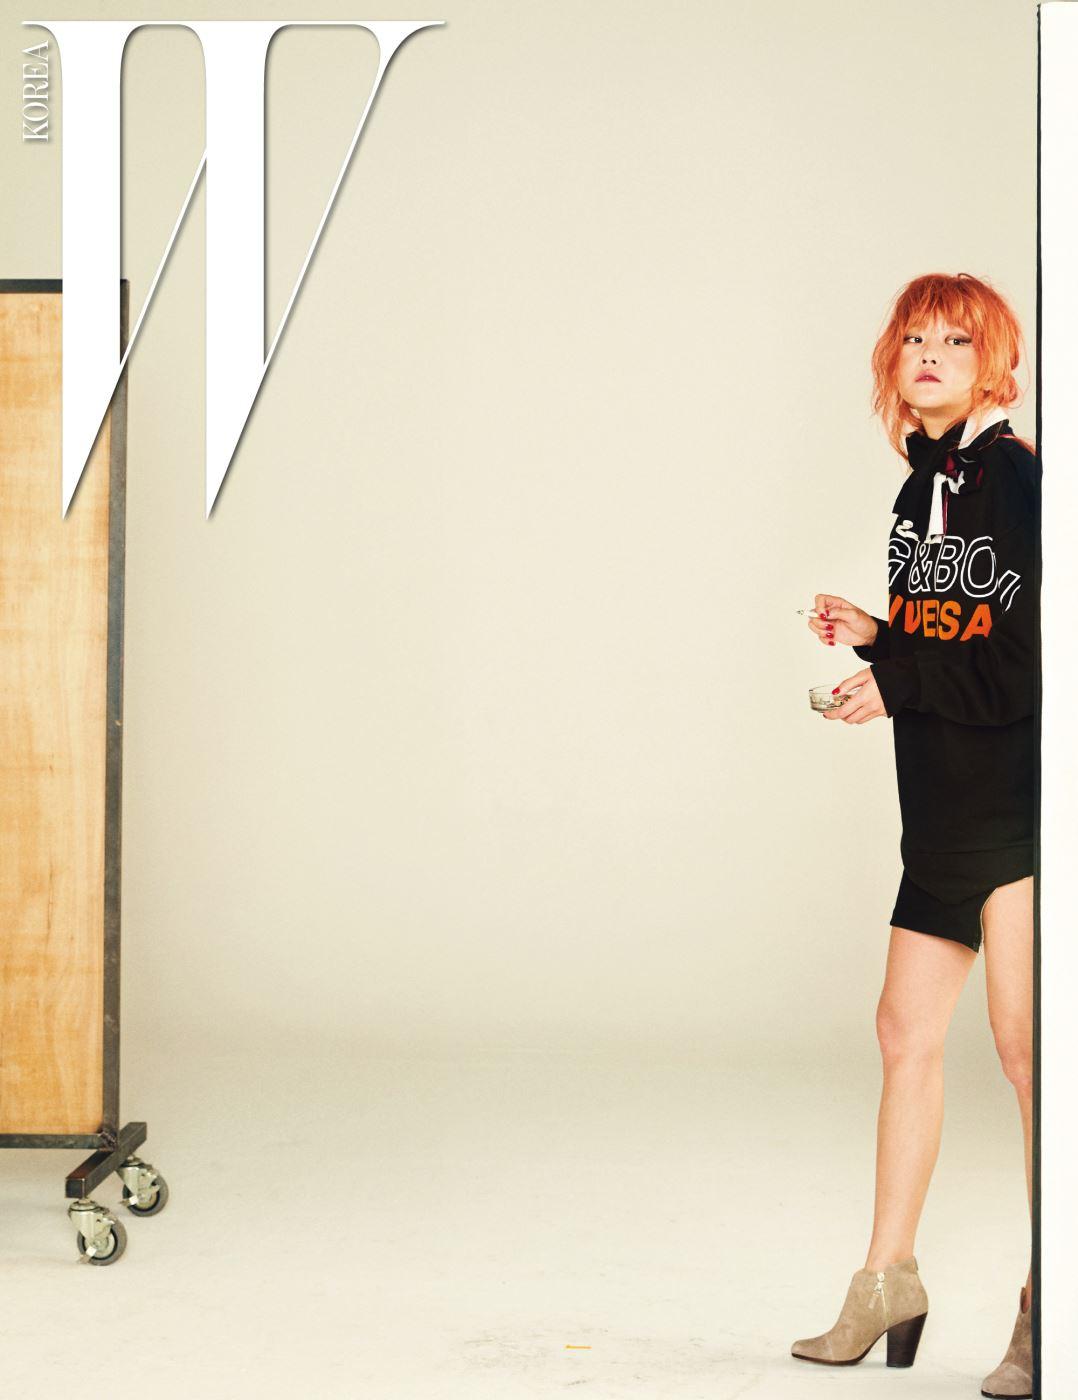 흰색과 오렌지색 그래픽 로고가 돋보이는 큼직한 모토 풀오버, 사선 지퍼 장식 스커트, 옅은 회색 부티, 머플러처럼 돌려 감은 검정과 하양 배색 스웨터는 모두 Rag&Bone 제품.